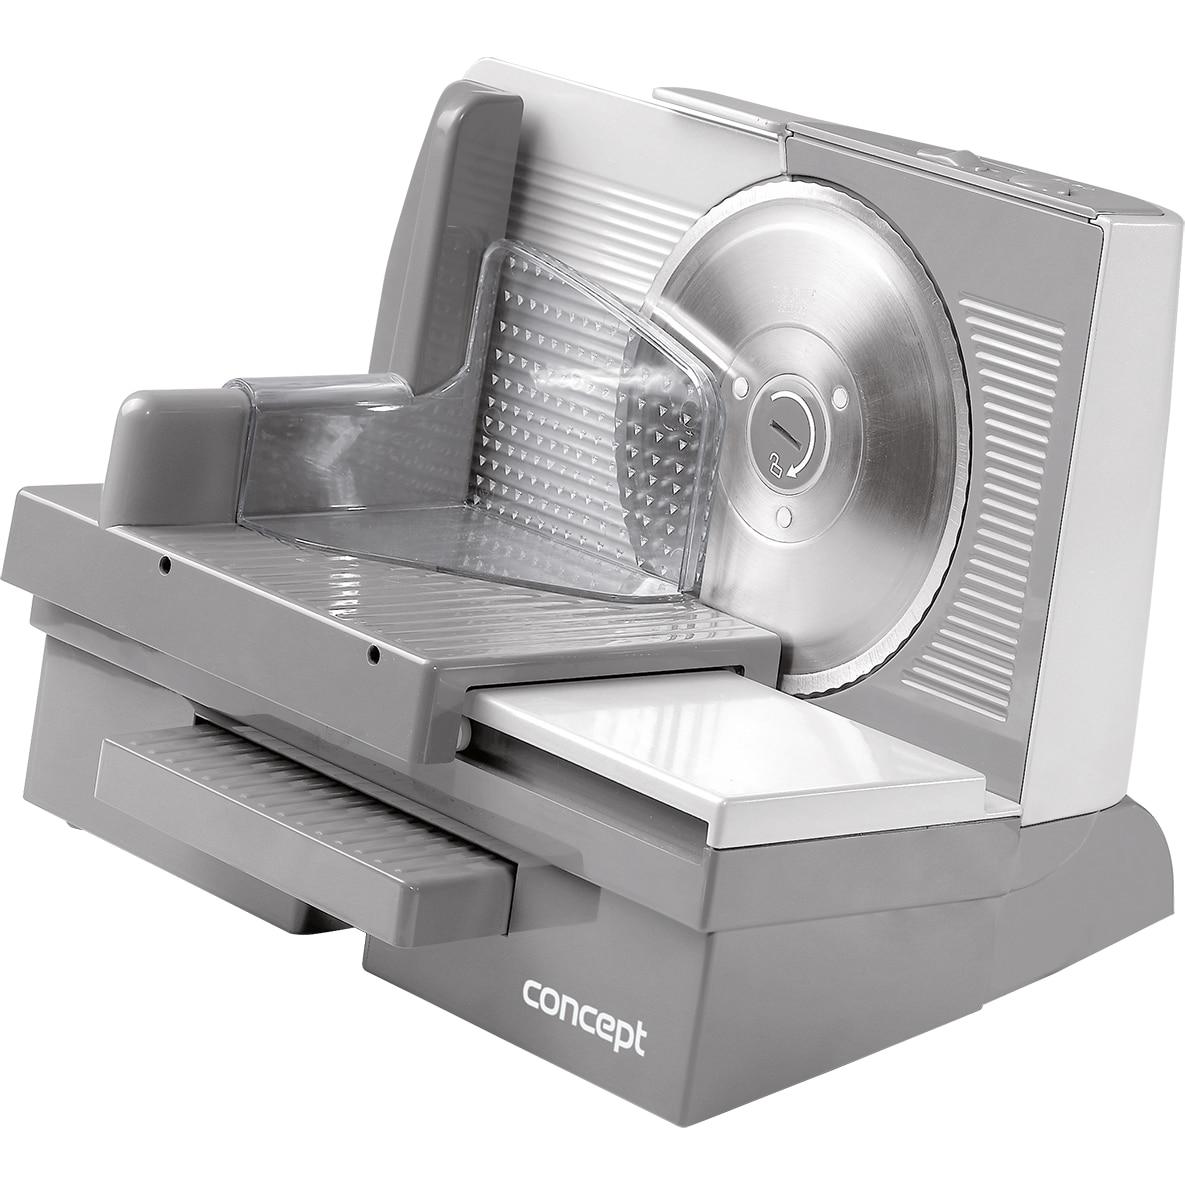 Fotografie Feliator Concept KP3531, 130 W, cutit Solingen 17 cm, 0-23 mm, accesorii incluse, Argintiu